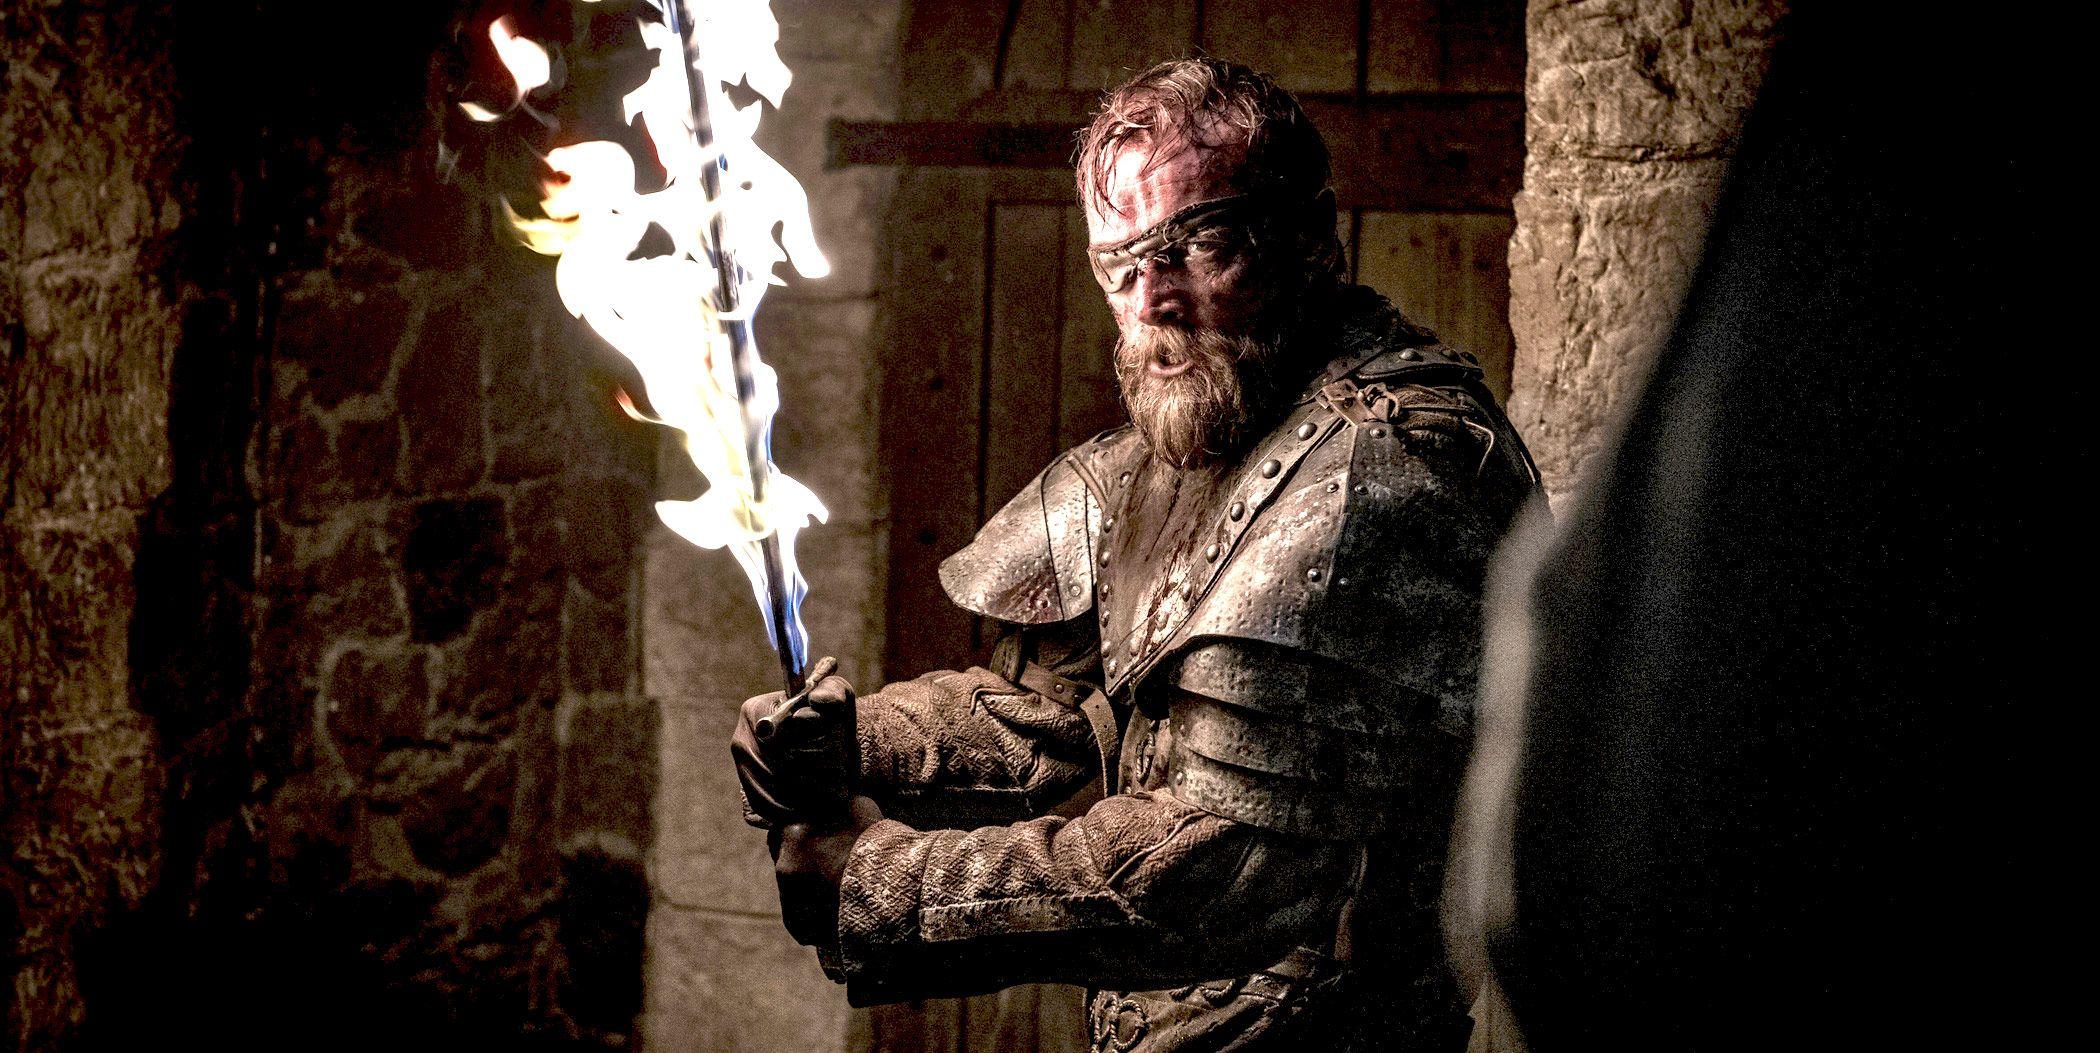 Richard Dormer as Beric Dondarrion, Game of Thrones, season 8, episode 3